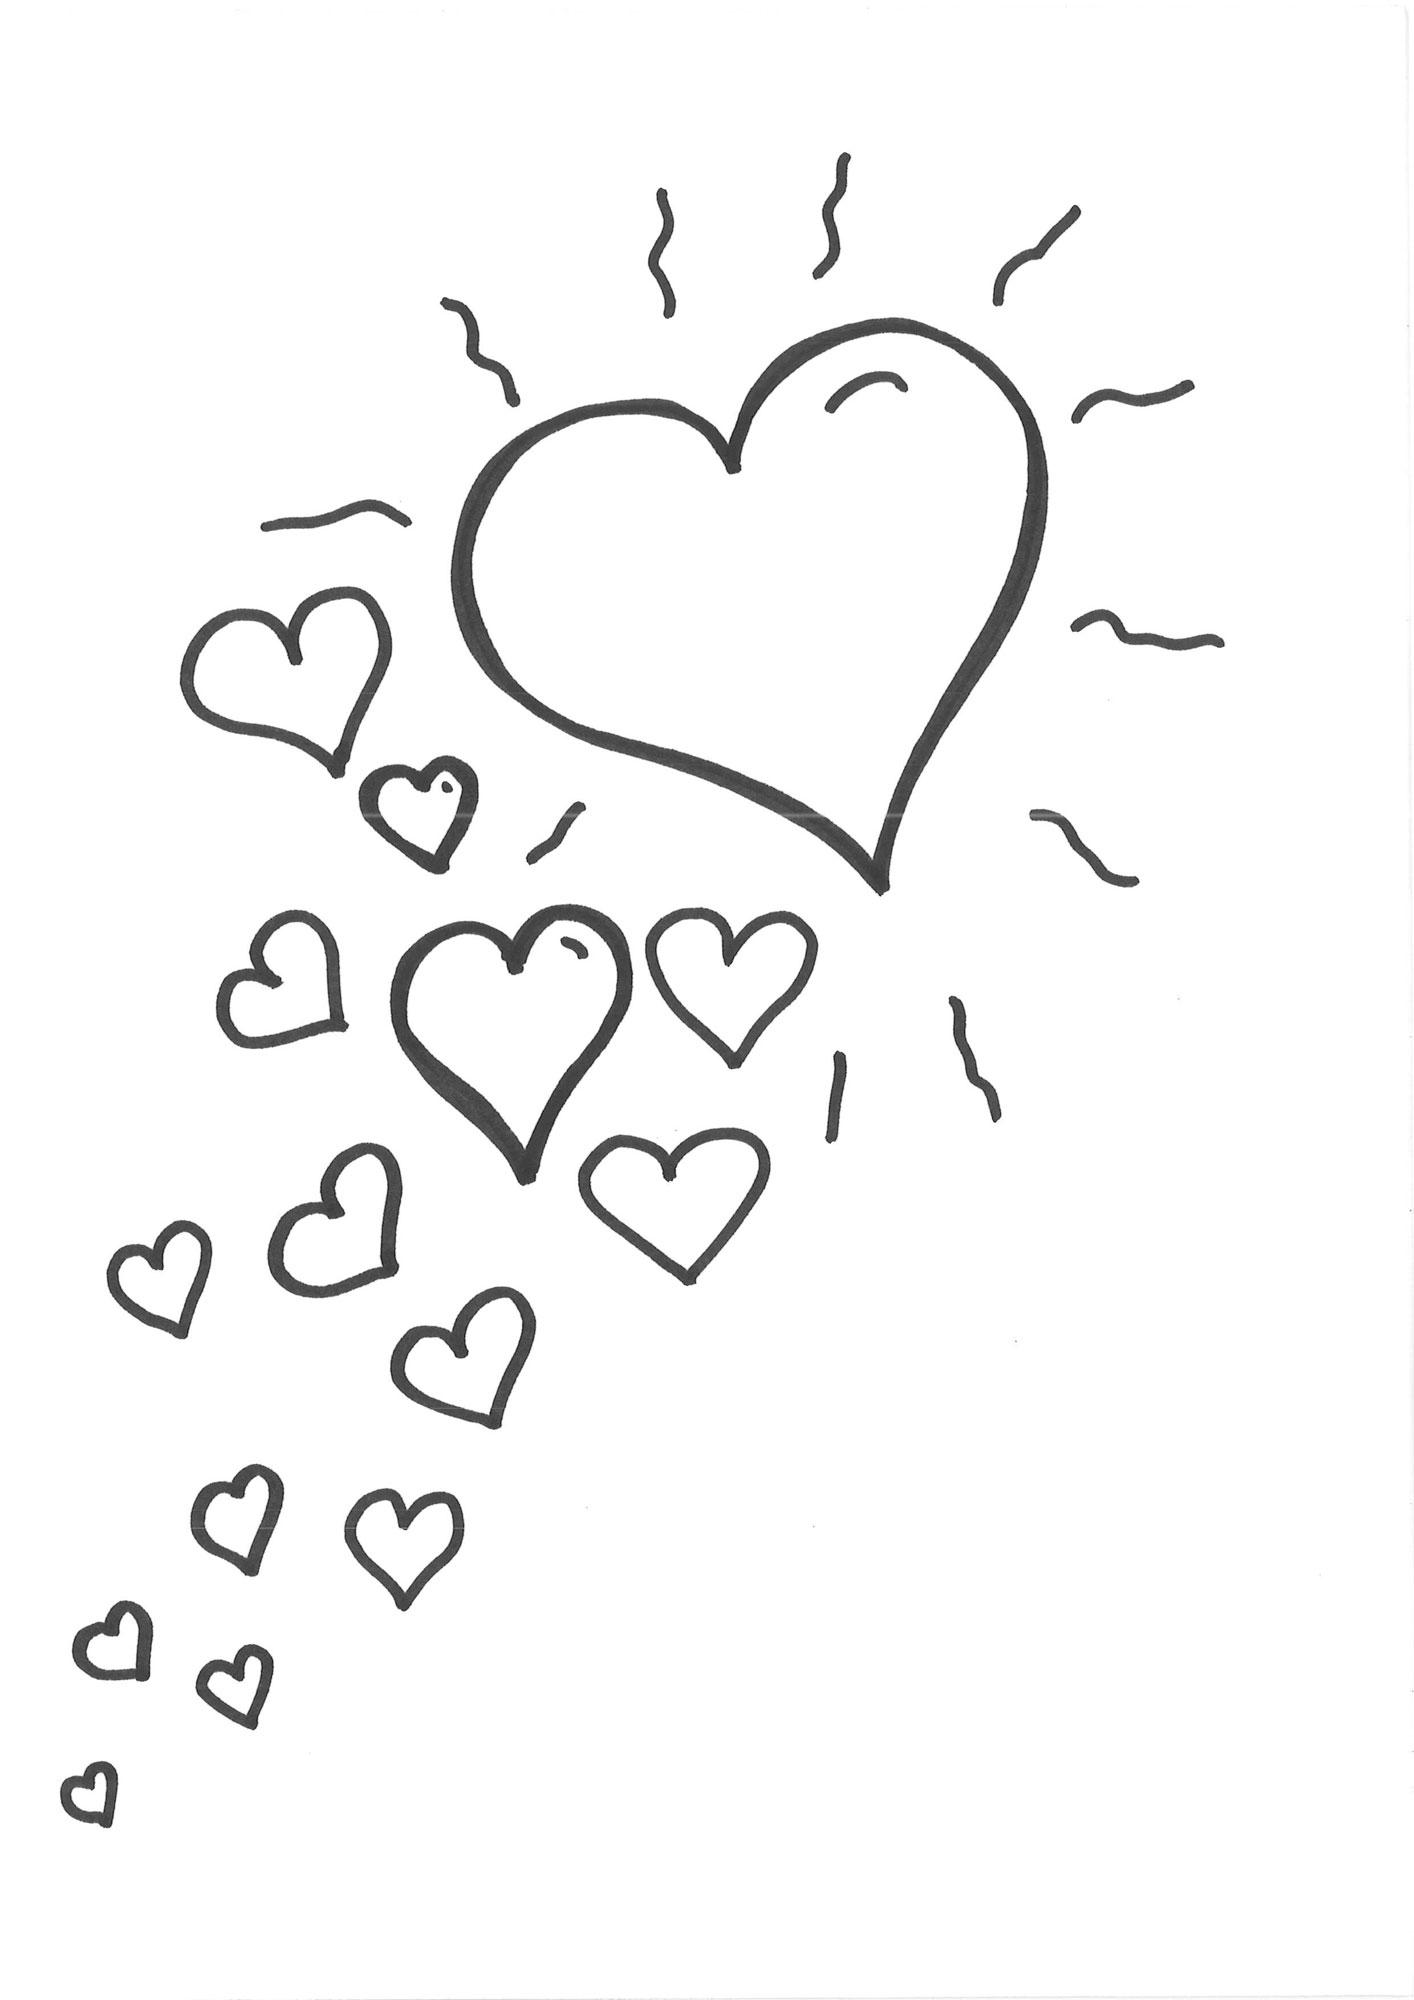 Ausmalbild Herzen: Malvorlage Herzen Kostenlos Ausdrucken verwandt mit Malvorlage Herz